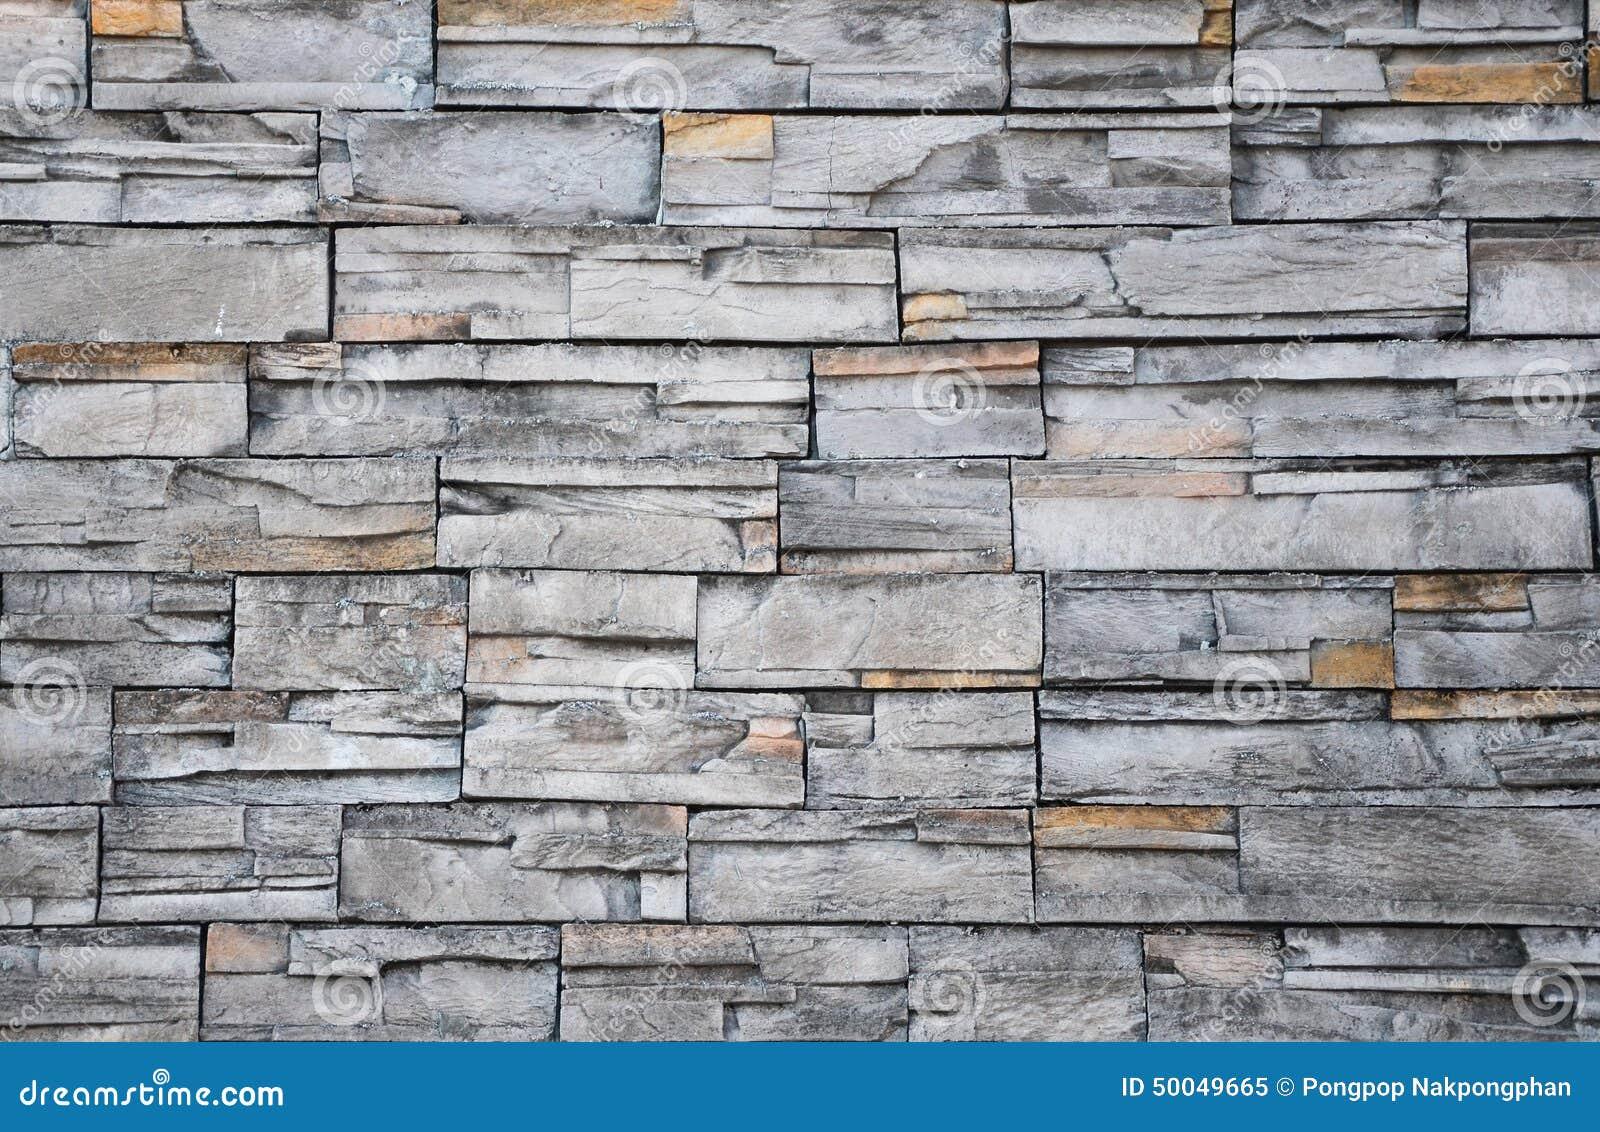 couleur grise de mod le du mur en pierre d corative photo. Black Bedroom Furniture Sets. Home Design Ideas